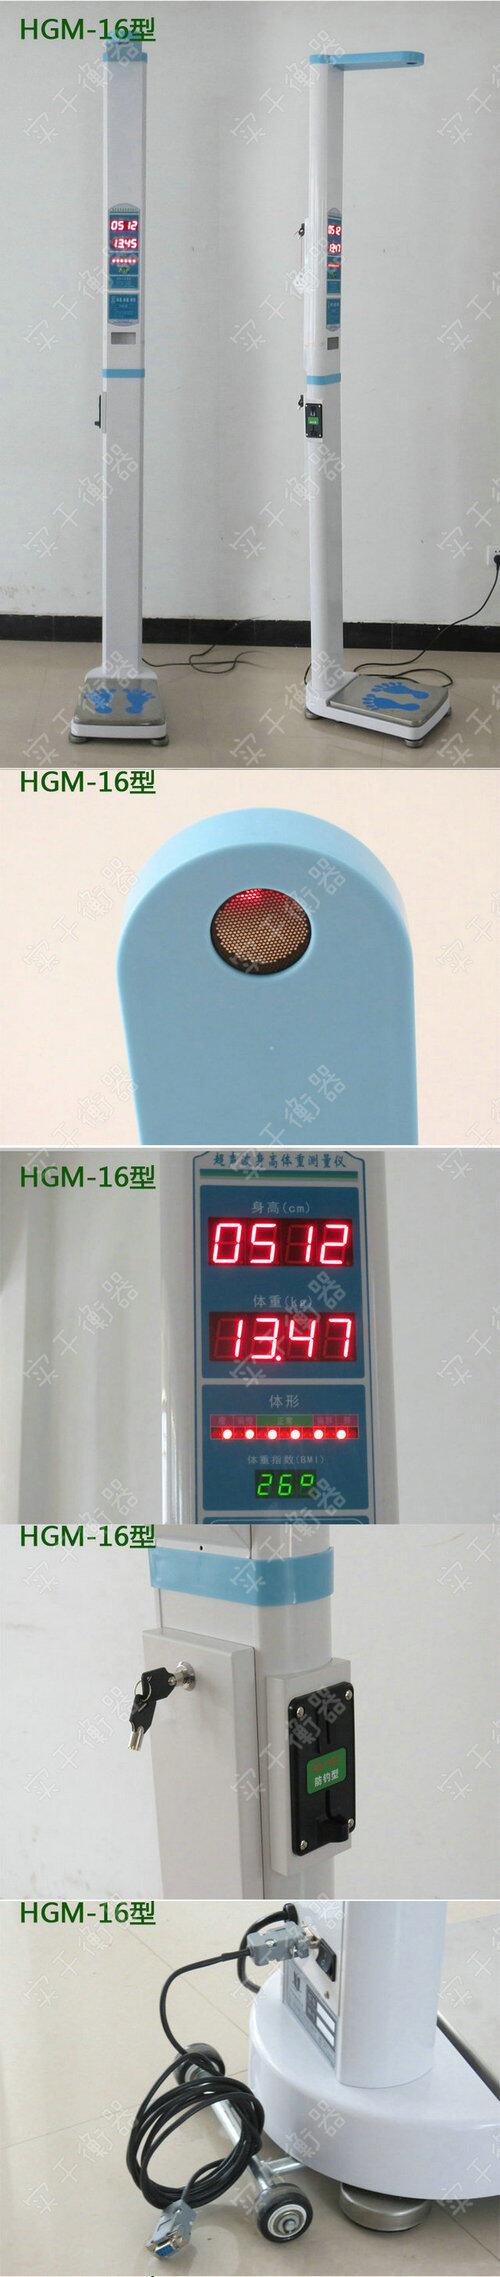 身高体重电子秤